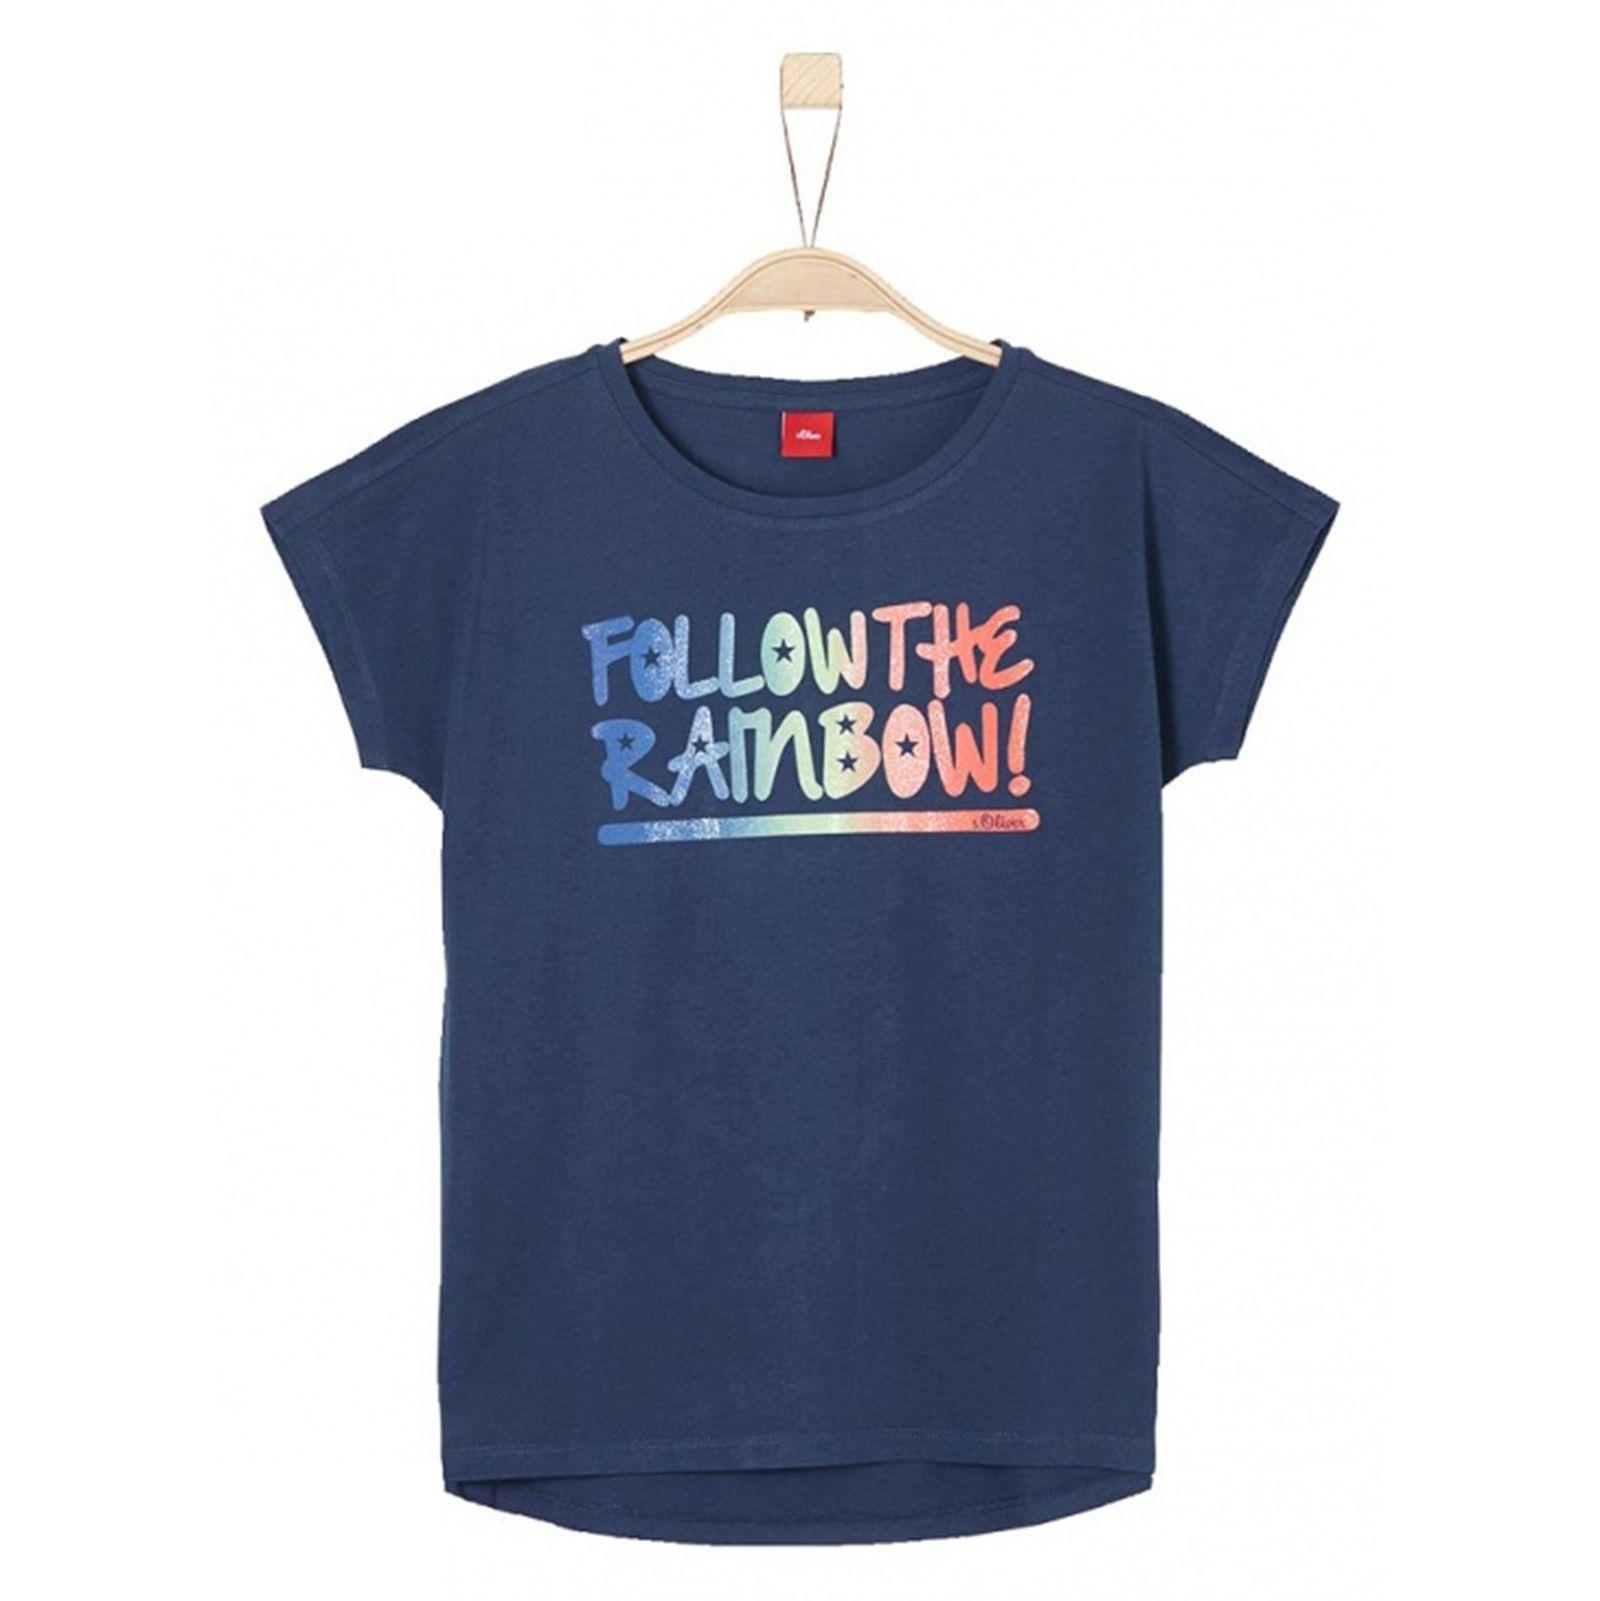 تی شرت نخی یقه گرد دخترانه - اس.اولیور - سرمه اي - 1